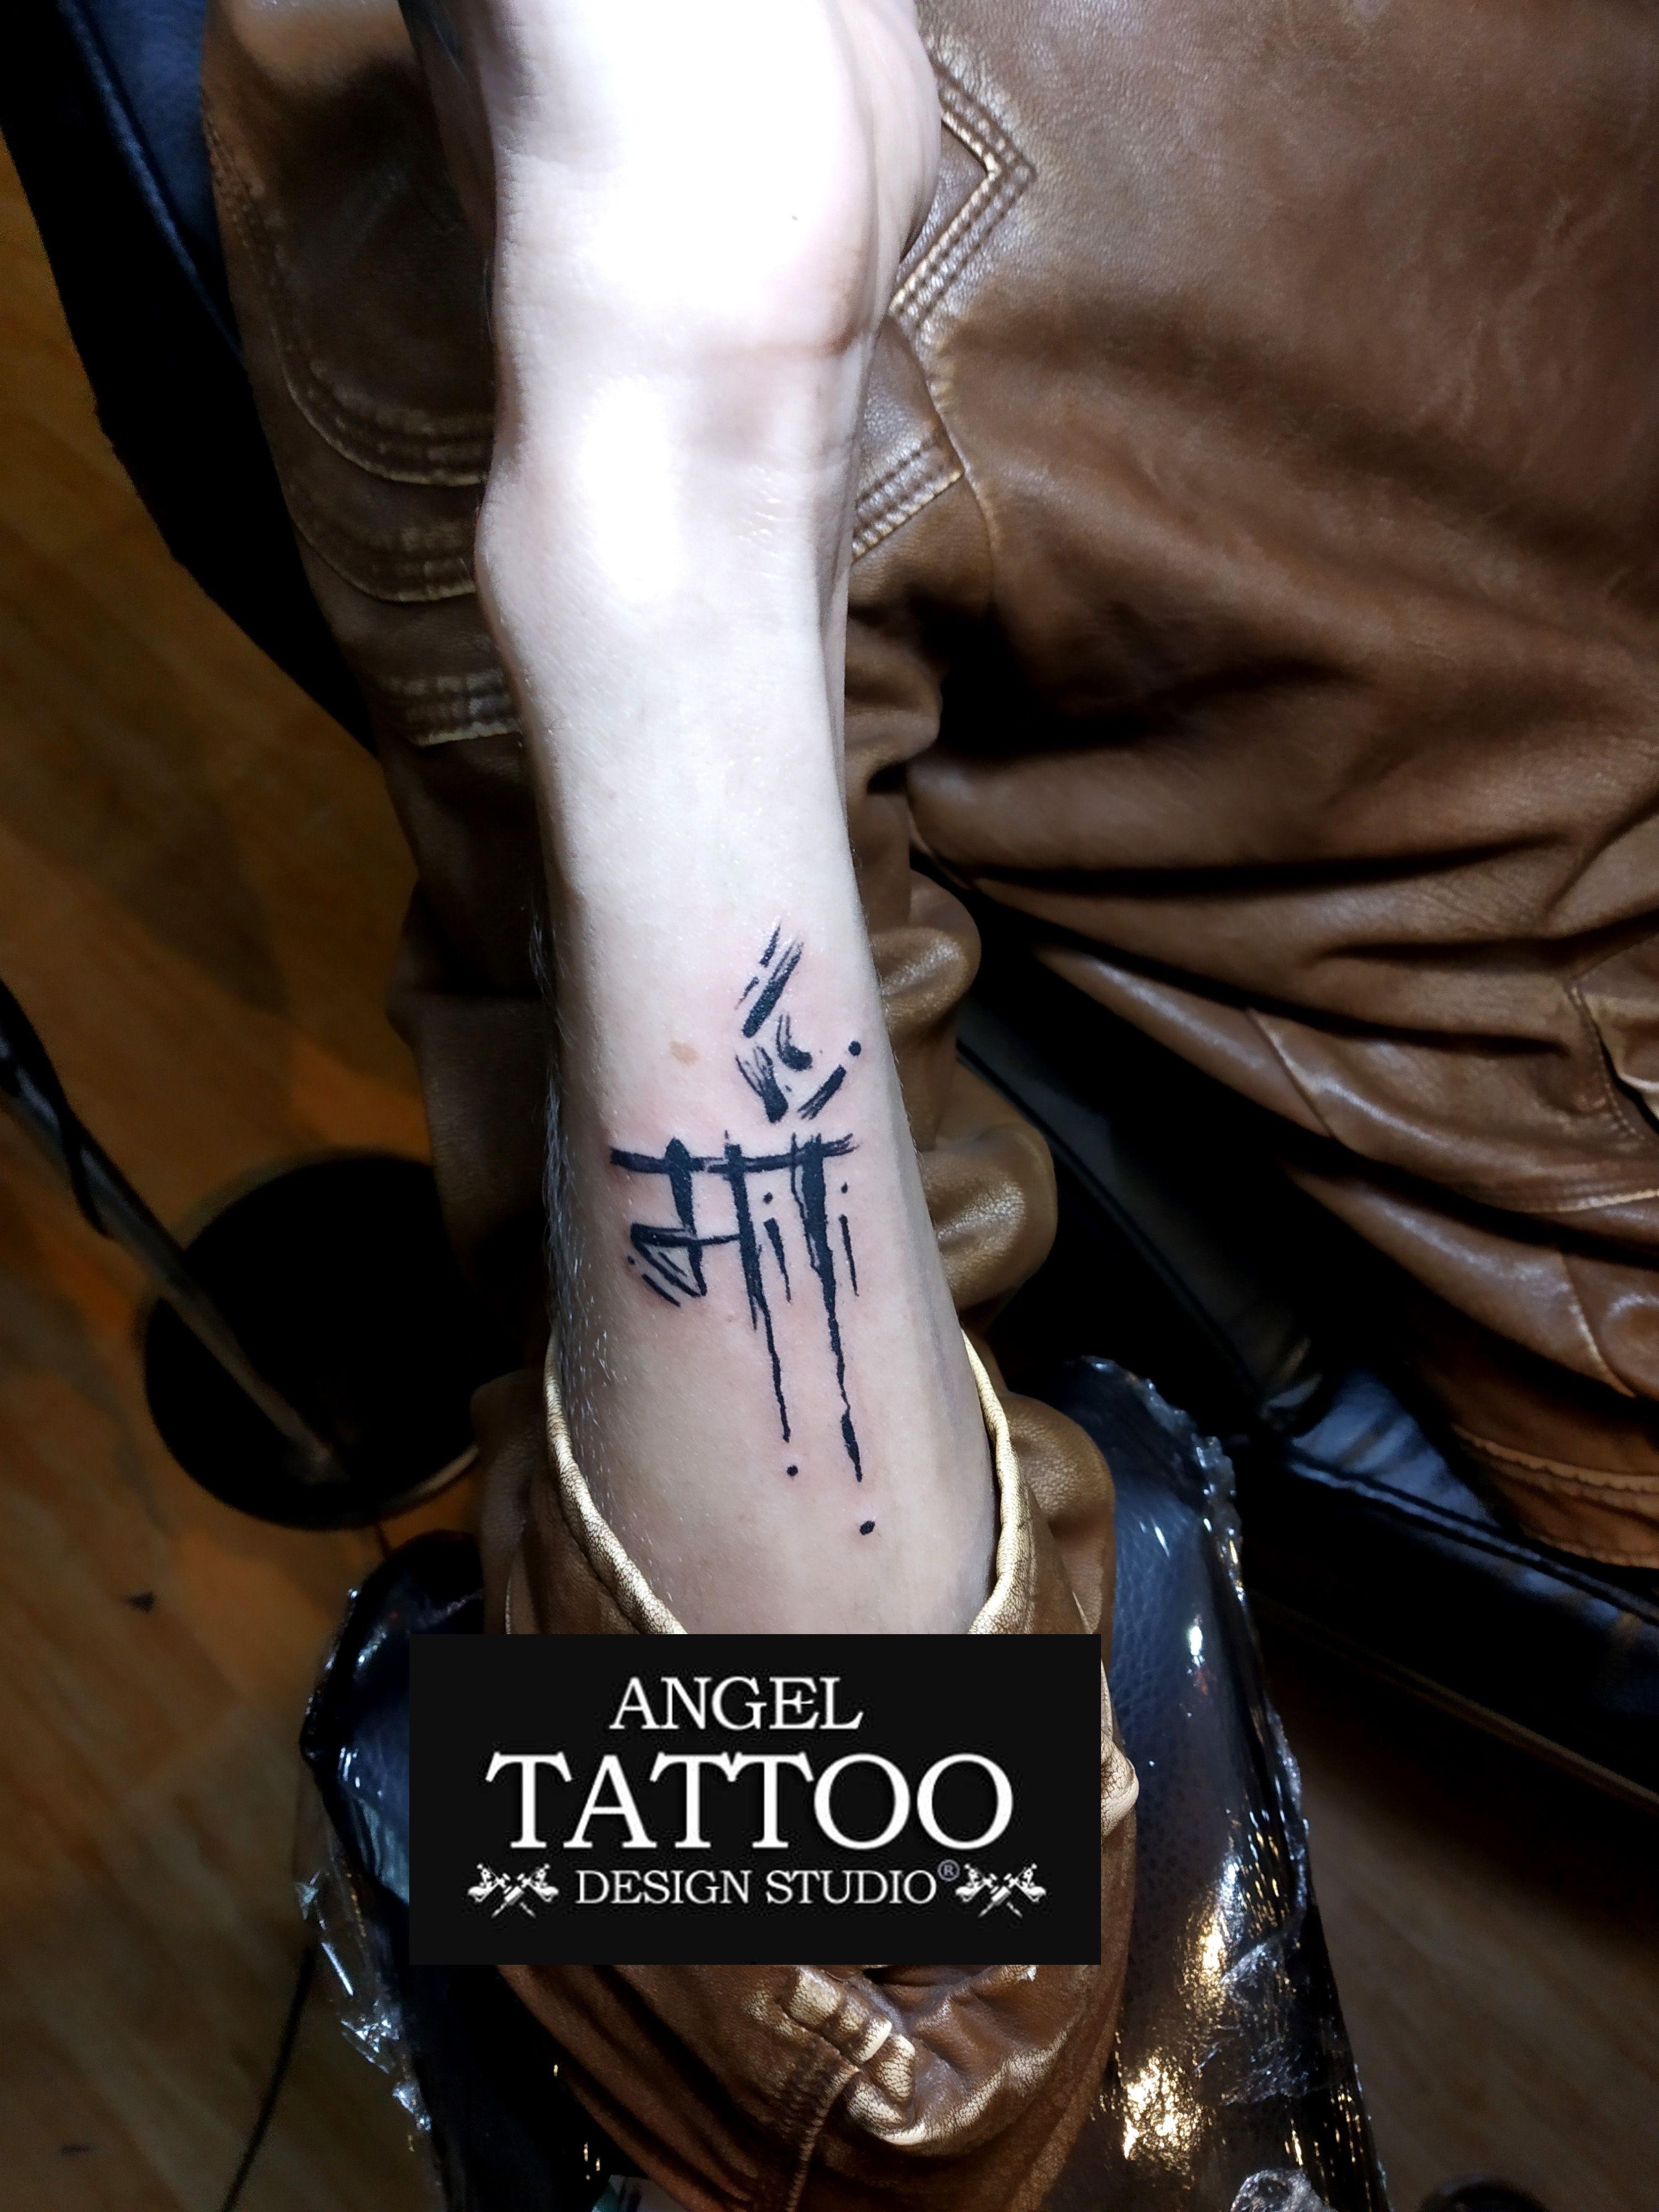 Maa Tattoo Tattoo designs, Angel tattoo designs, Tattoo